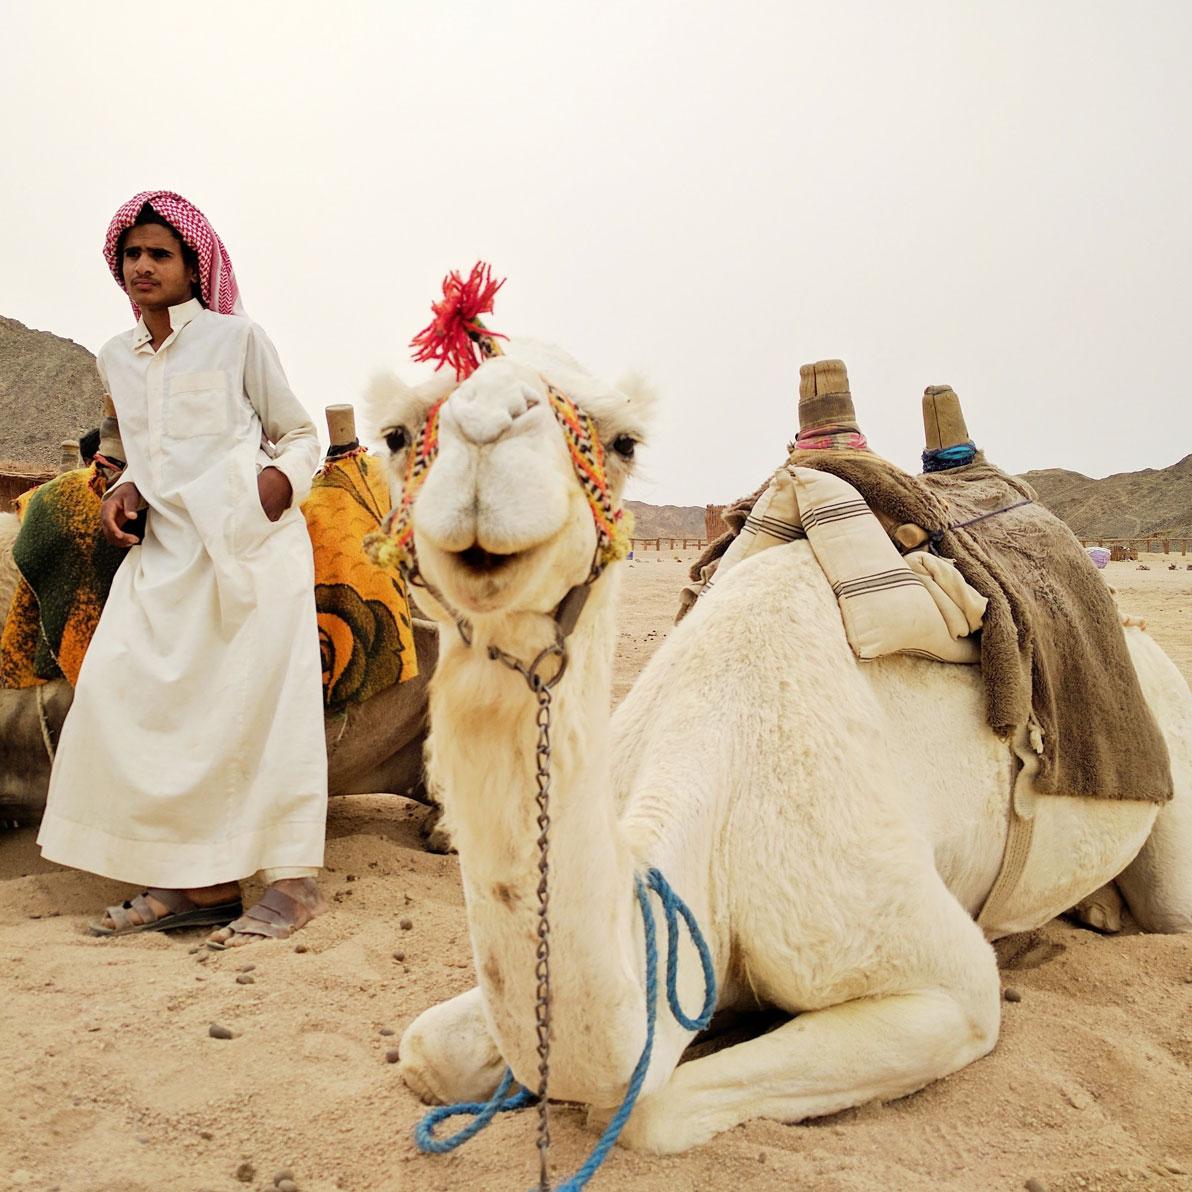 Happy Bedouin camel in the desert near Hurghada, Egypt